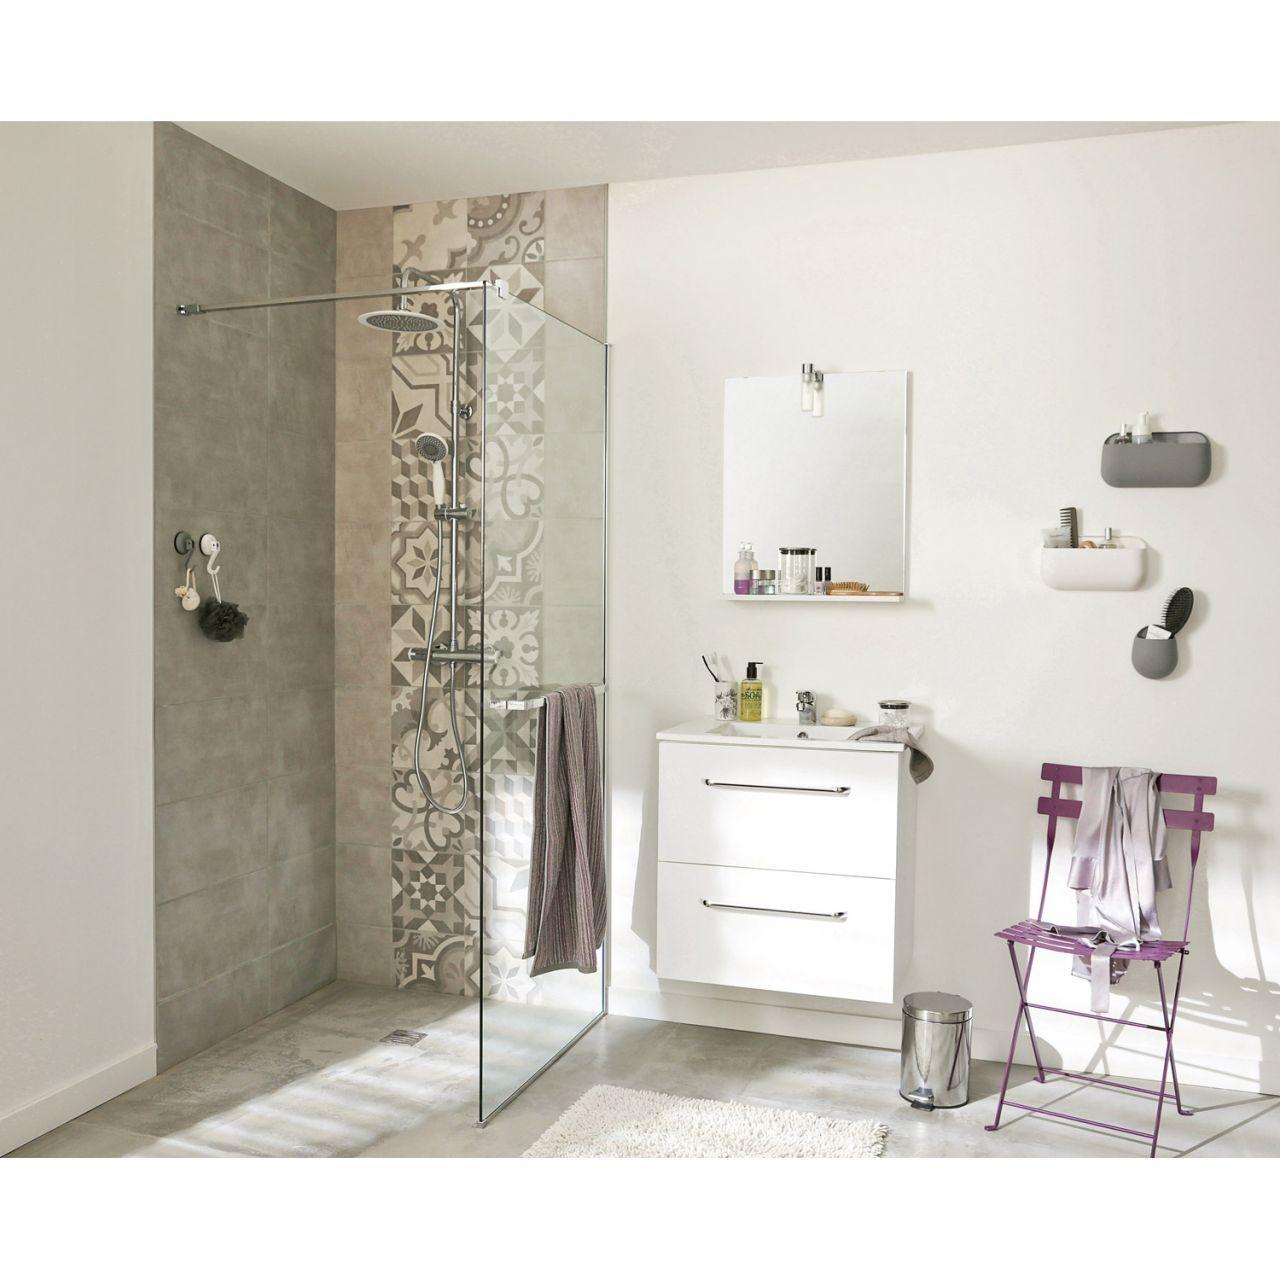 Achat carrelage pour la salle de bains carrelage seattle - Faience salle de bain blanche ...